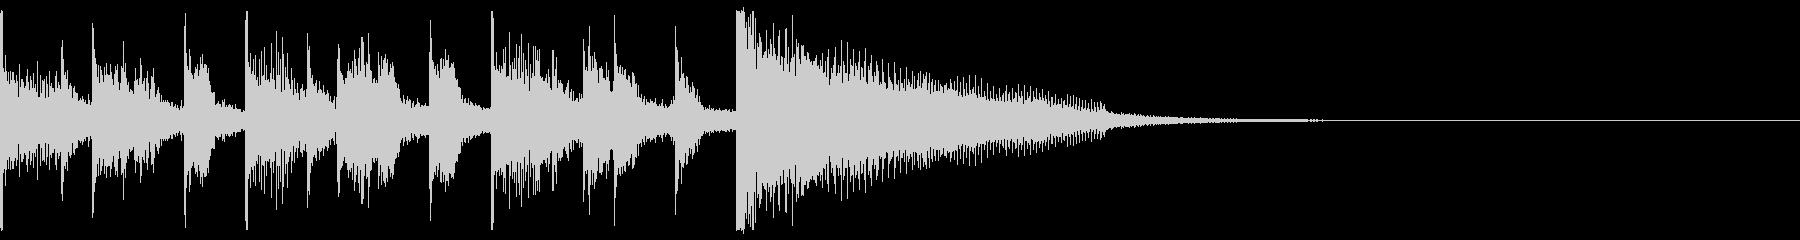 ジングル・アイキャッチ_Bの未再生の波形